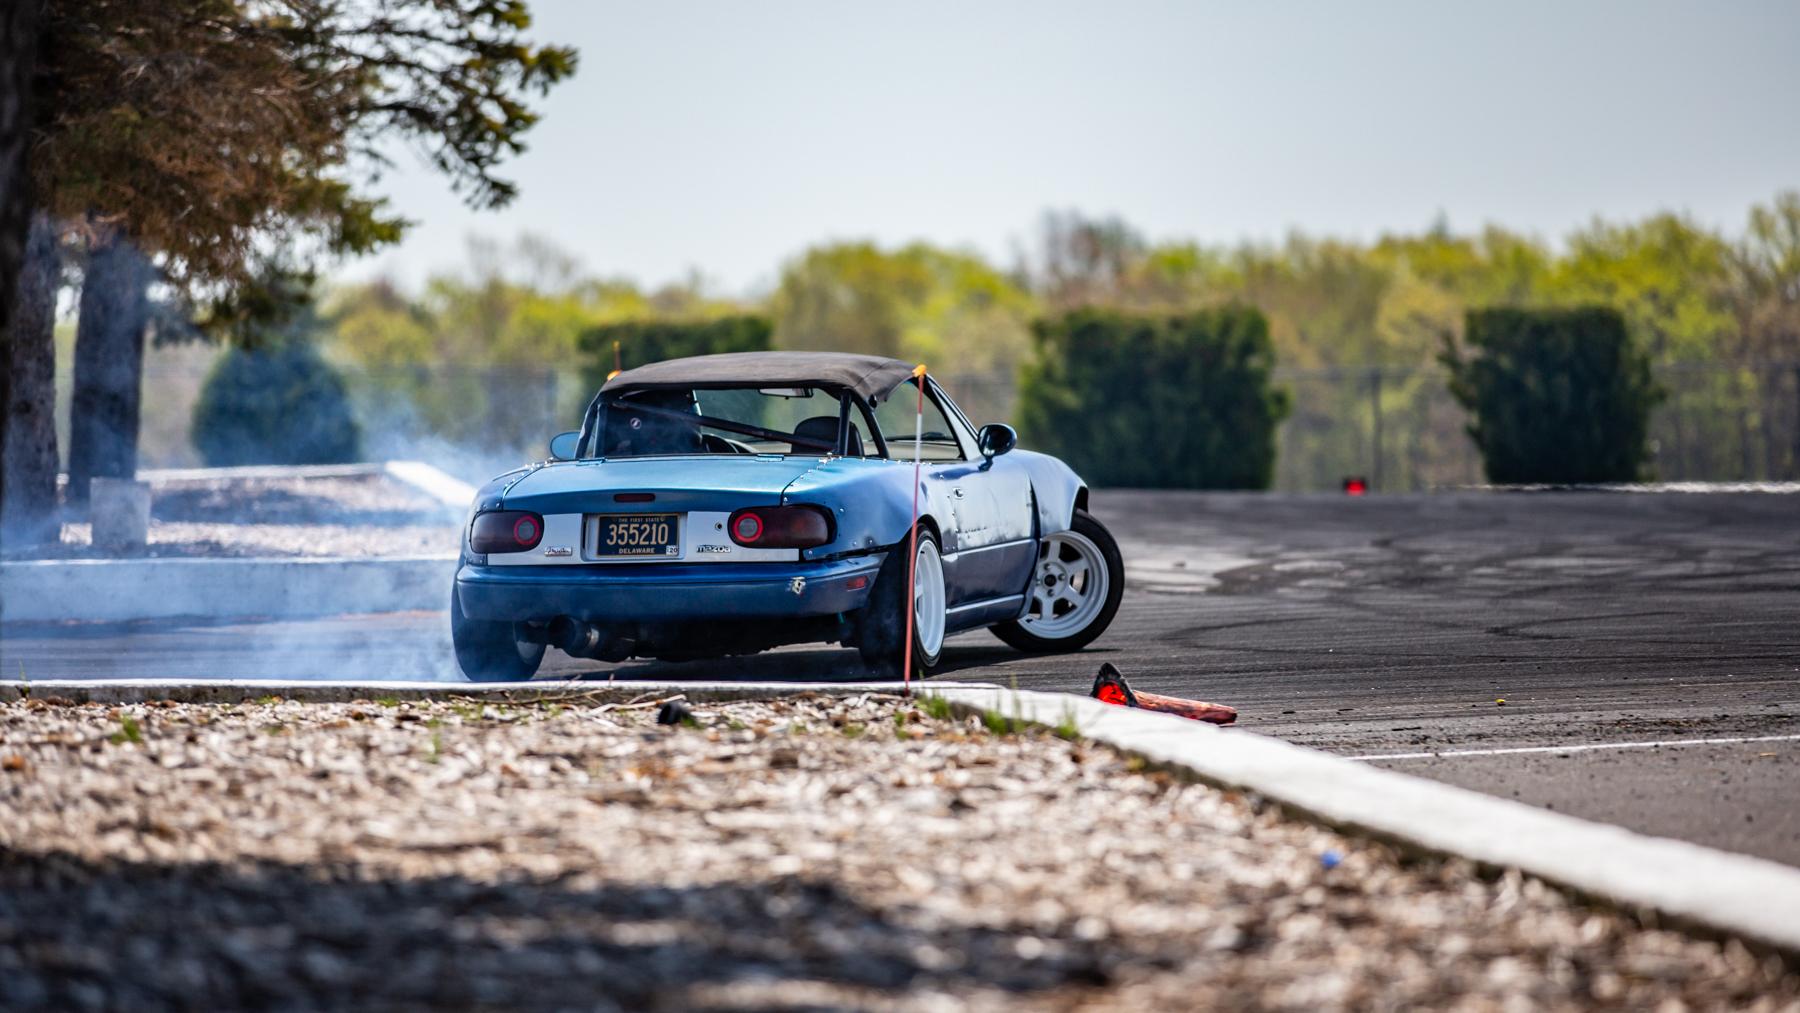 Drift-7528